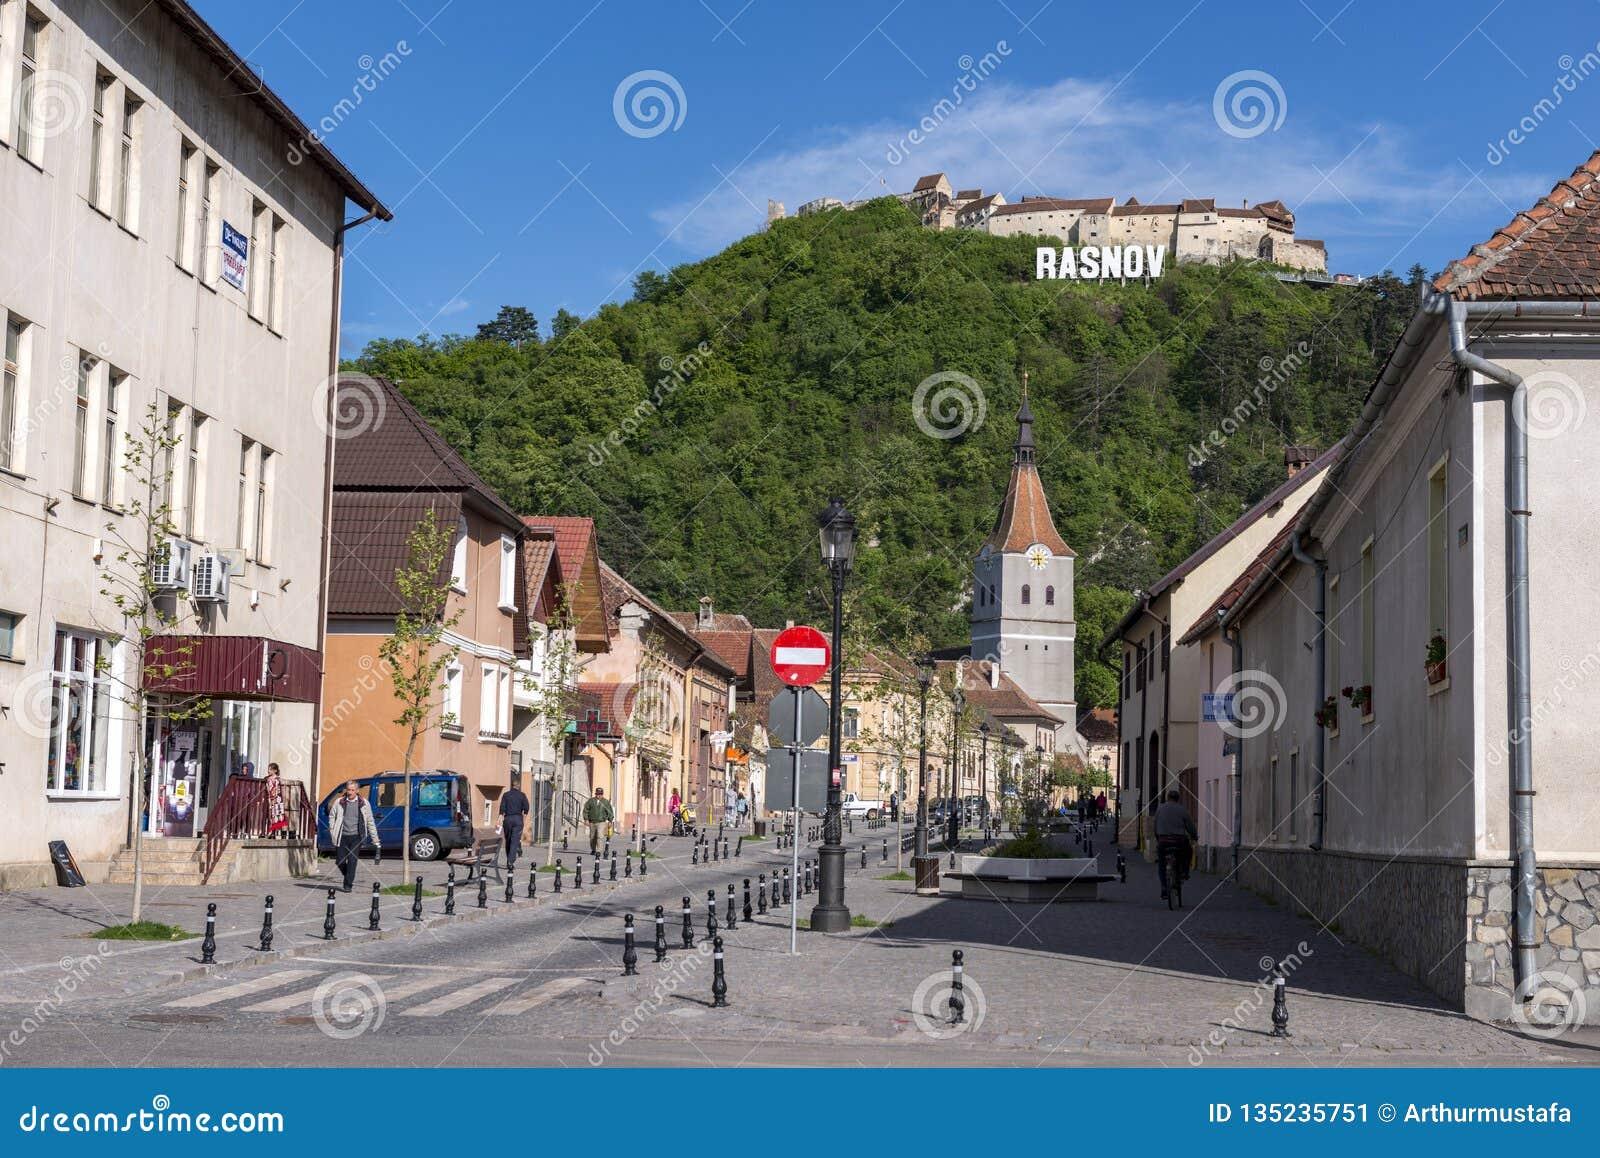 Rasnov, Rumänien - Mai 2017: Ansicht des Rasnov-Stadt mainstreet (Brasov-Grafschaft (Rumänien), mit dem Hügel des mittelalterlich